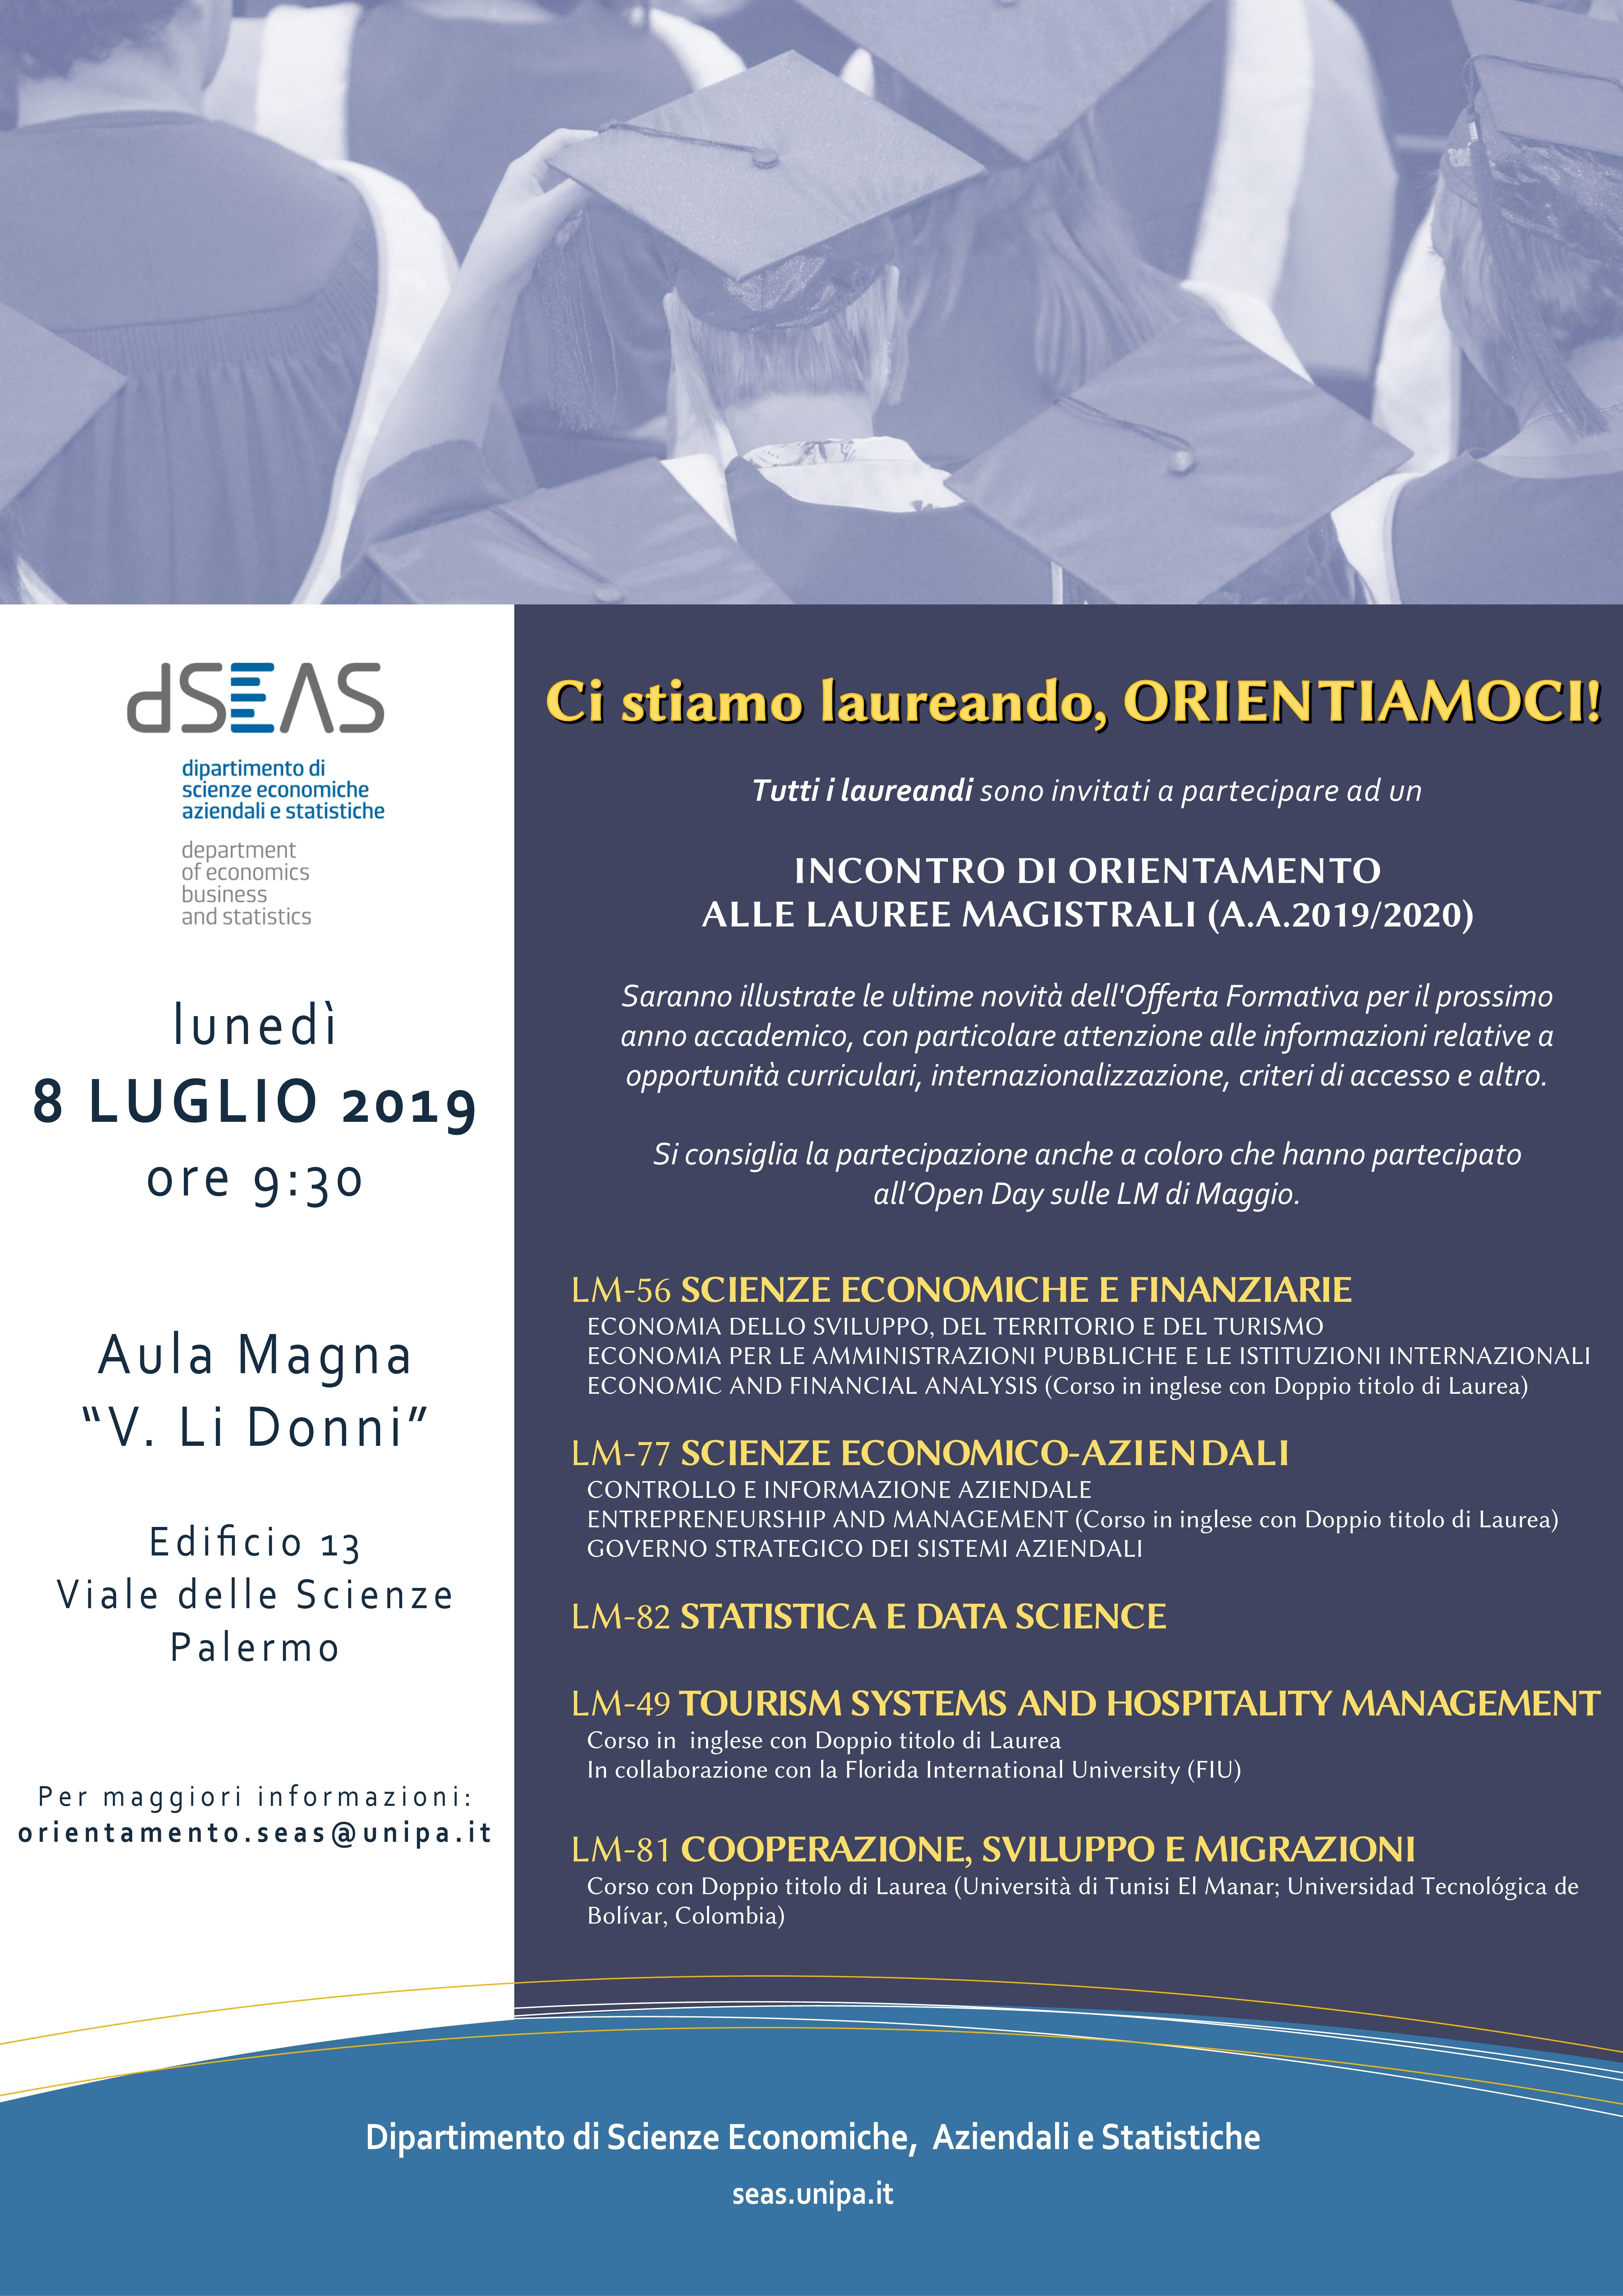 Calendario Unipa 2020.Universita Degli Studi Di Palermo